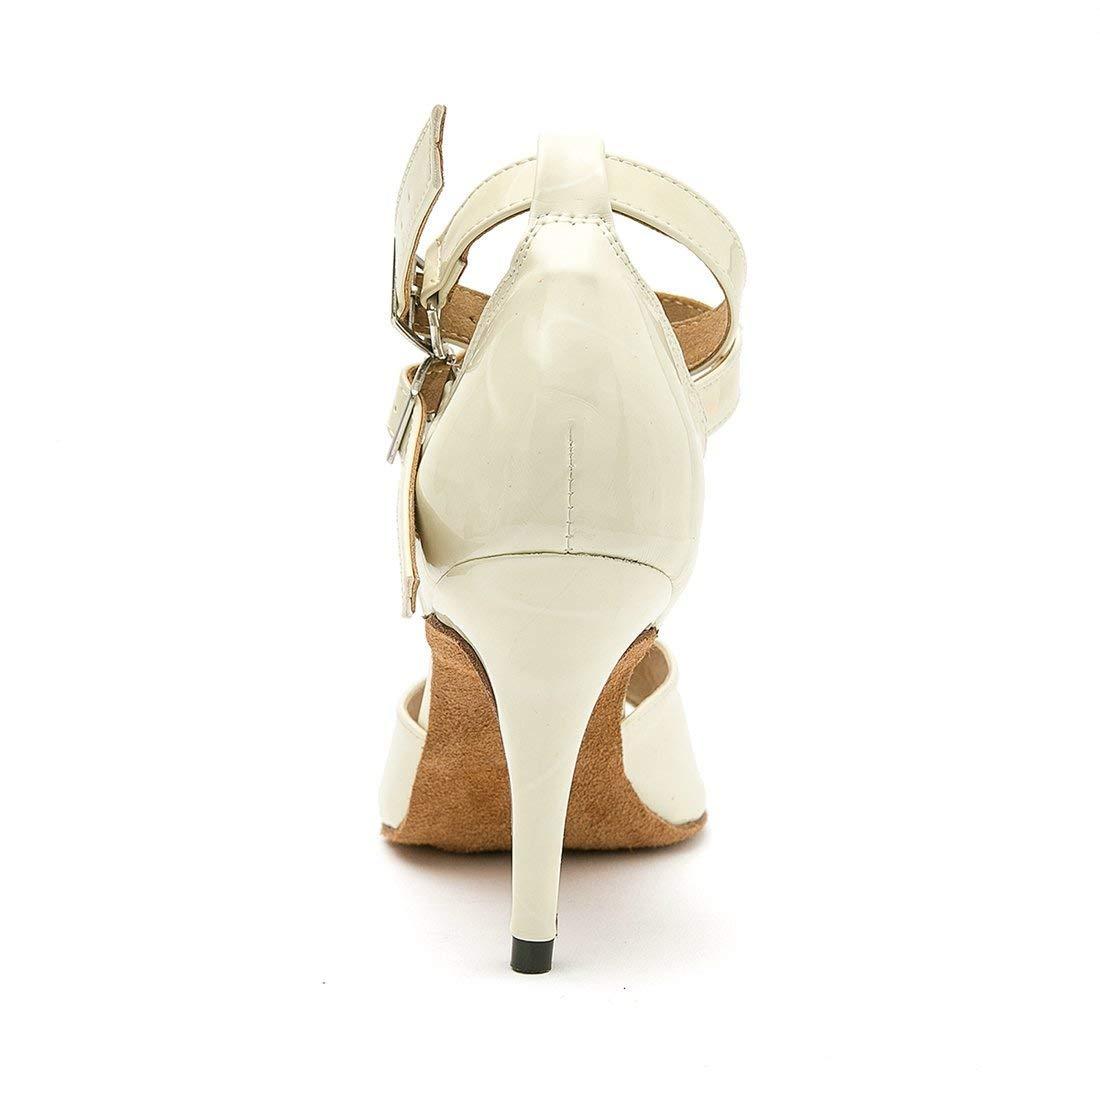 Qiusa Frauen Knöchelriemen Nude Synthetische Synthetische Synthetische Schnalle Latin Dance Sandalen Hochzeit Schuhe UK 6.5 (Farbe   - Größe   -) 4bf270